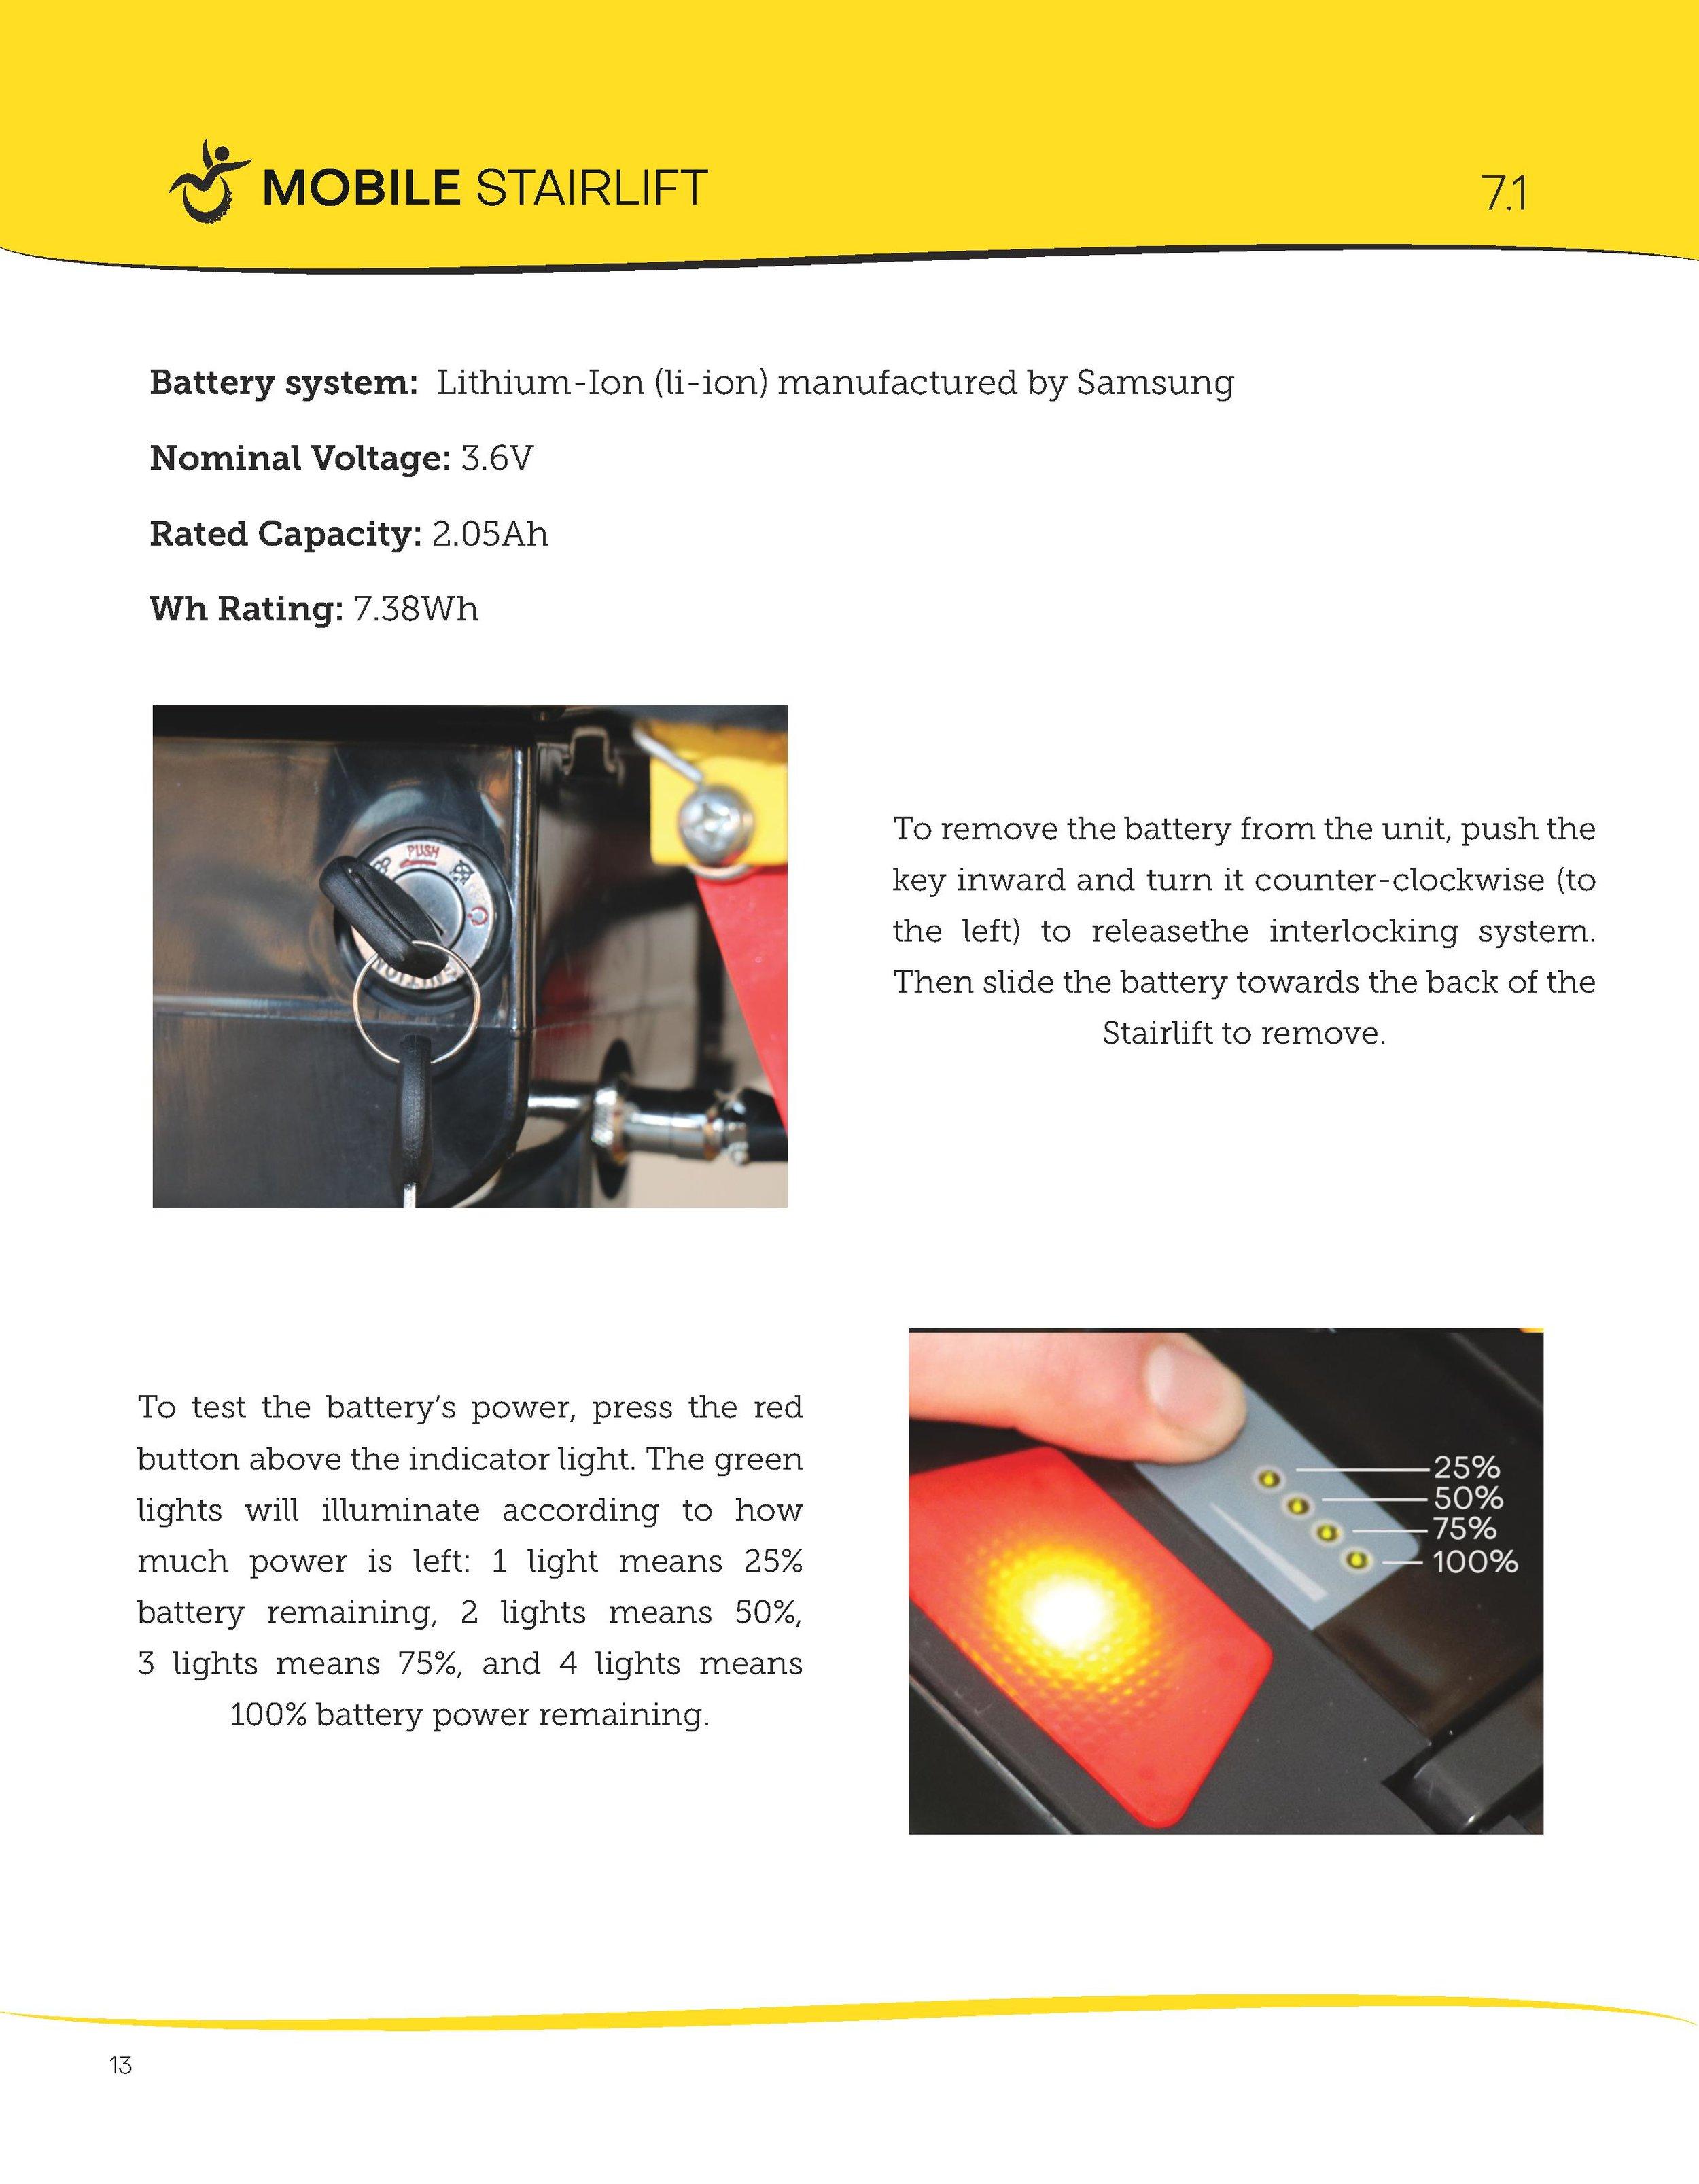 Mobile Stairlift Instruction Manual-14.jpg